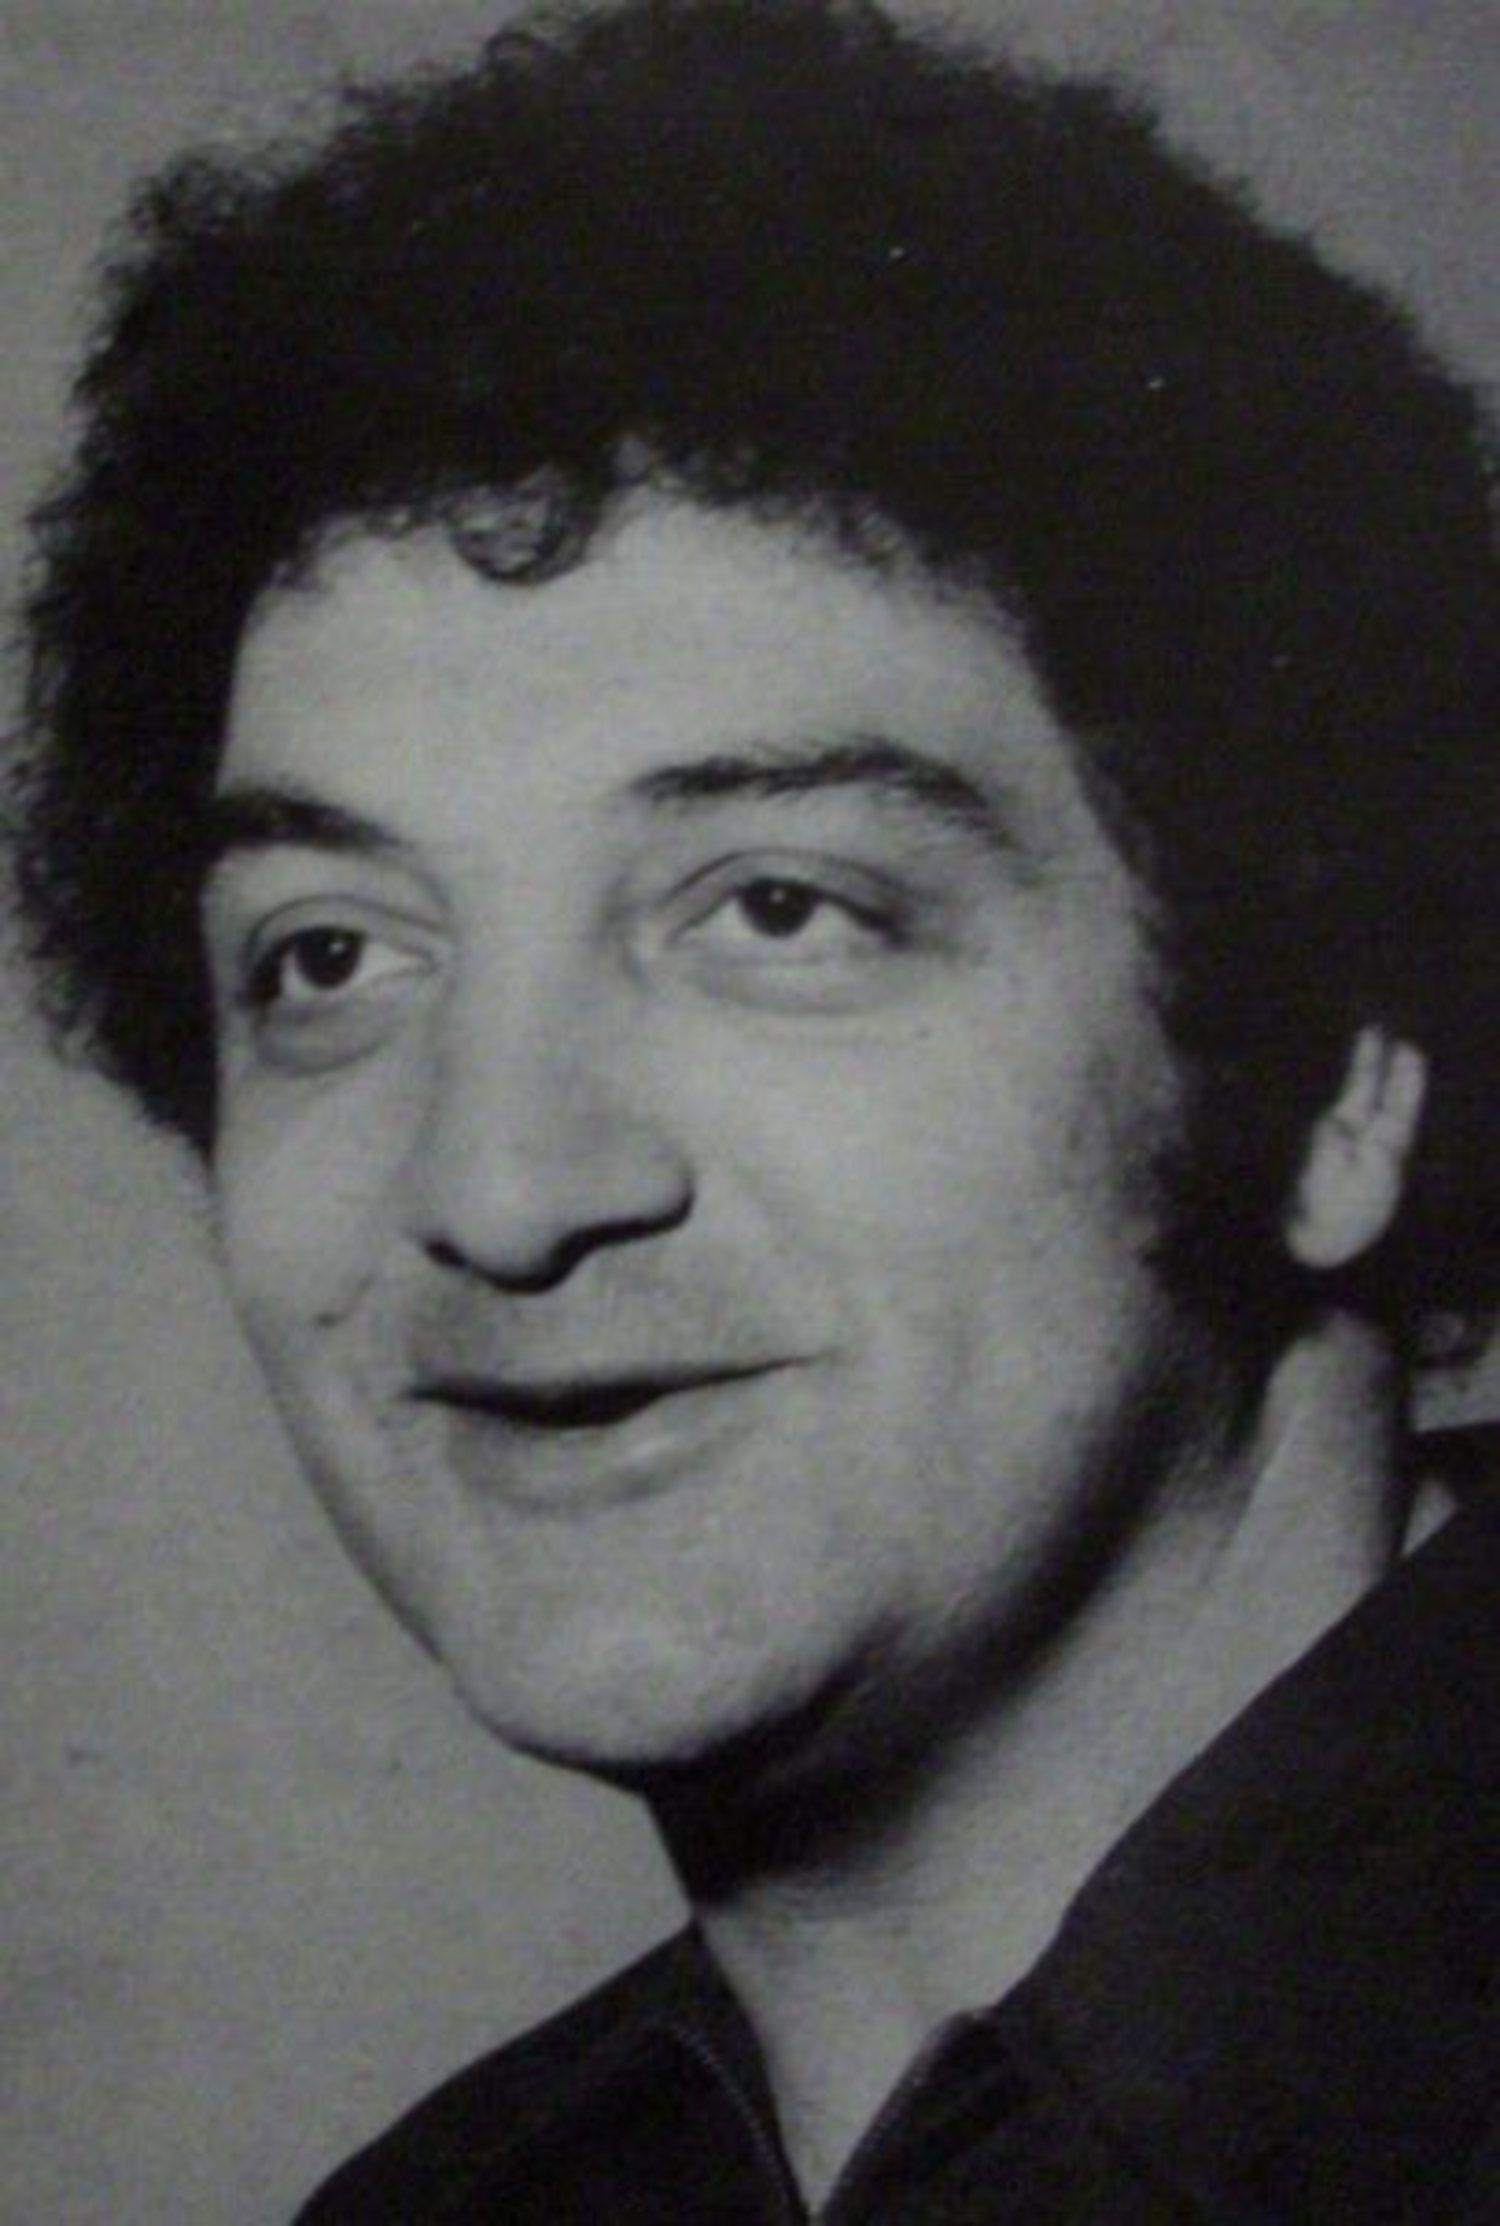 Sonny Vaccaro consiguió que Michael Jordan firmase un contrato multimillonario con Nike en 1984.